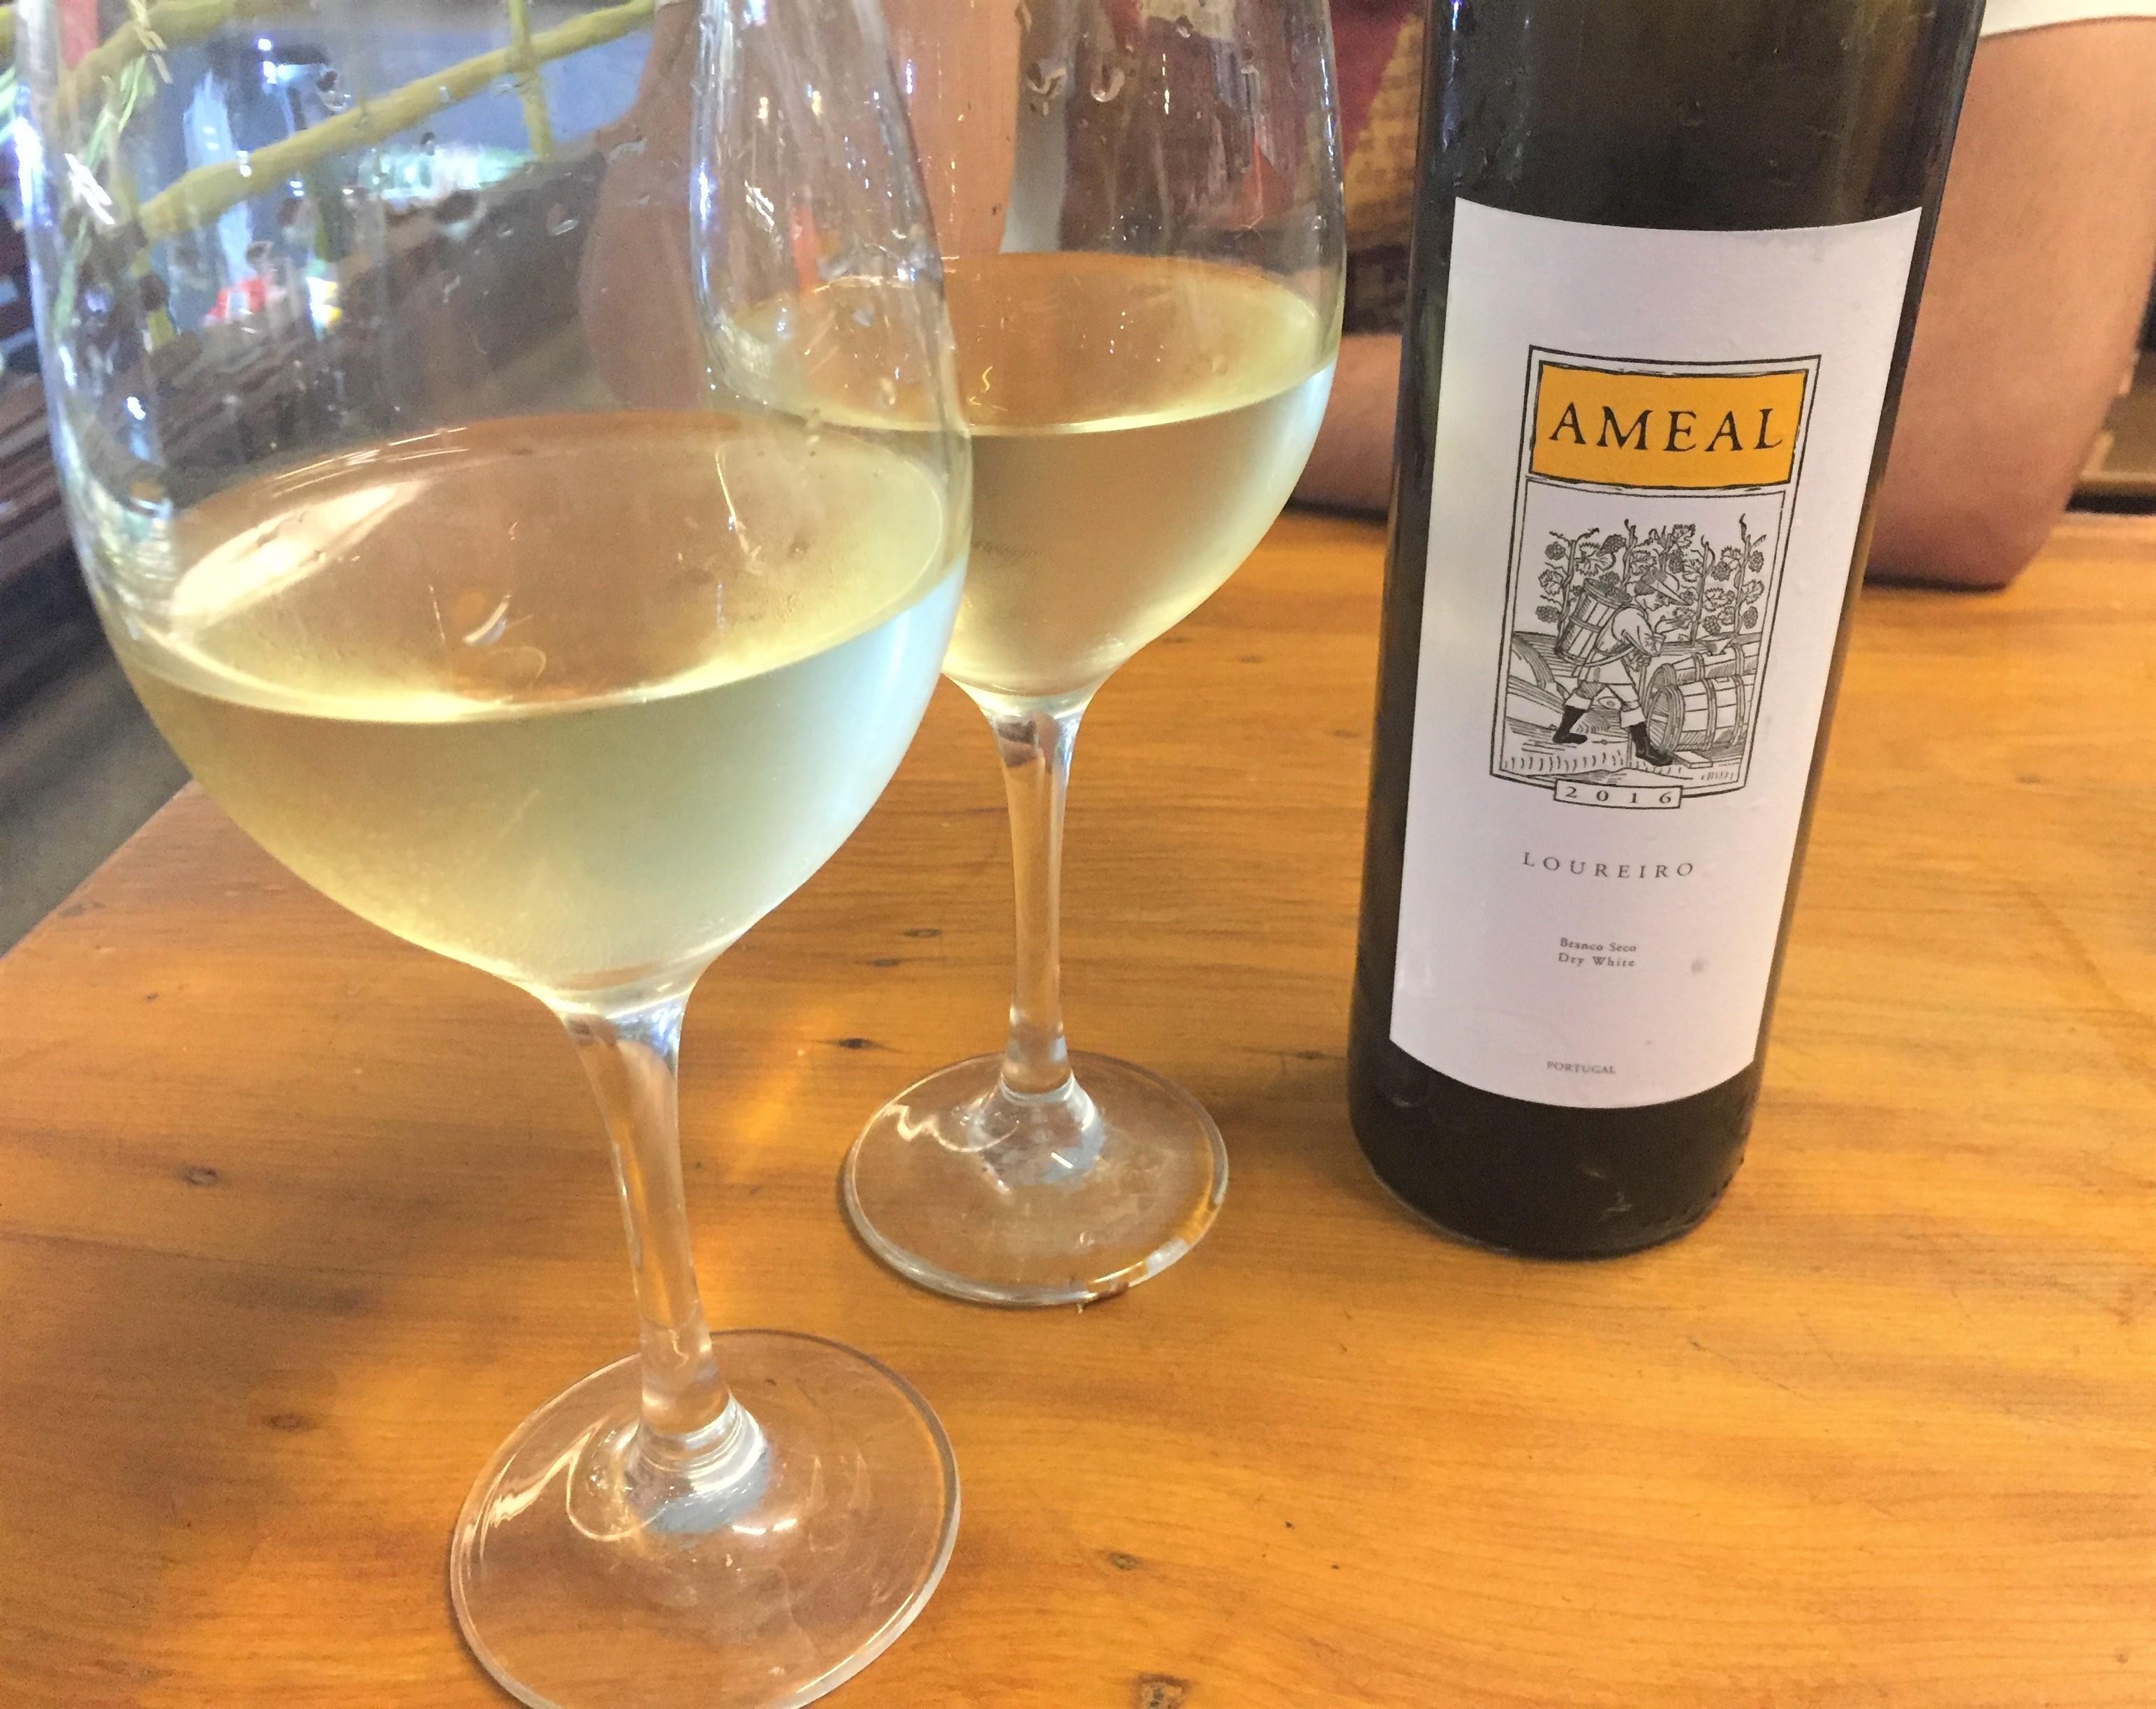 Vinho Verde Branco Quinta do Ameal Loureiro